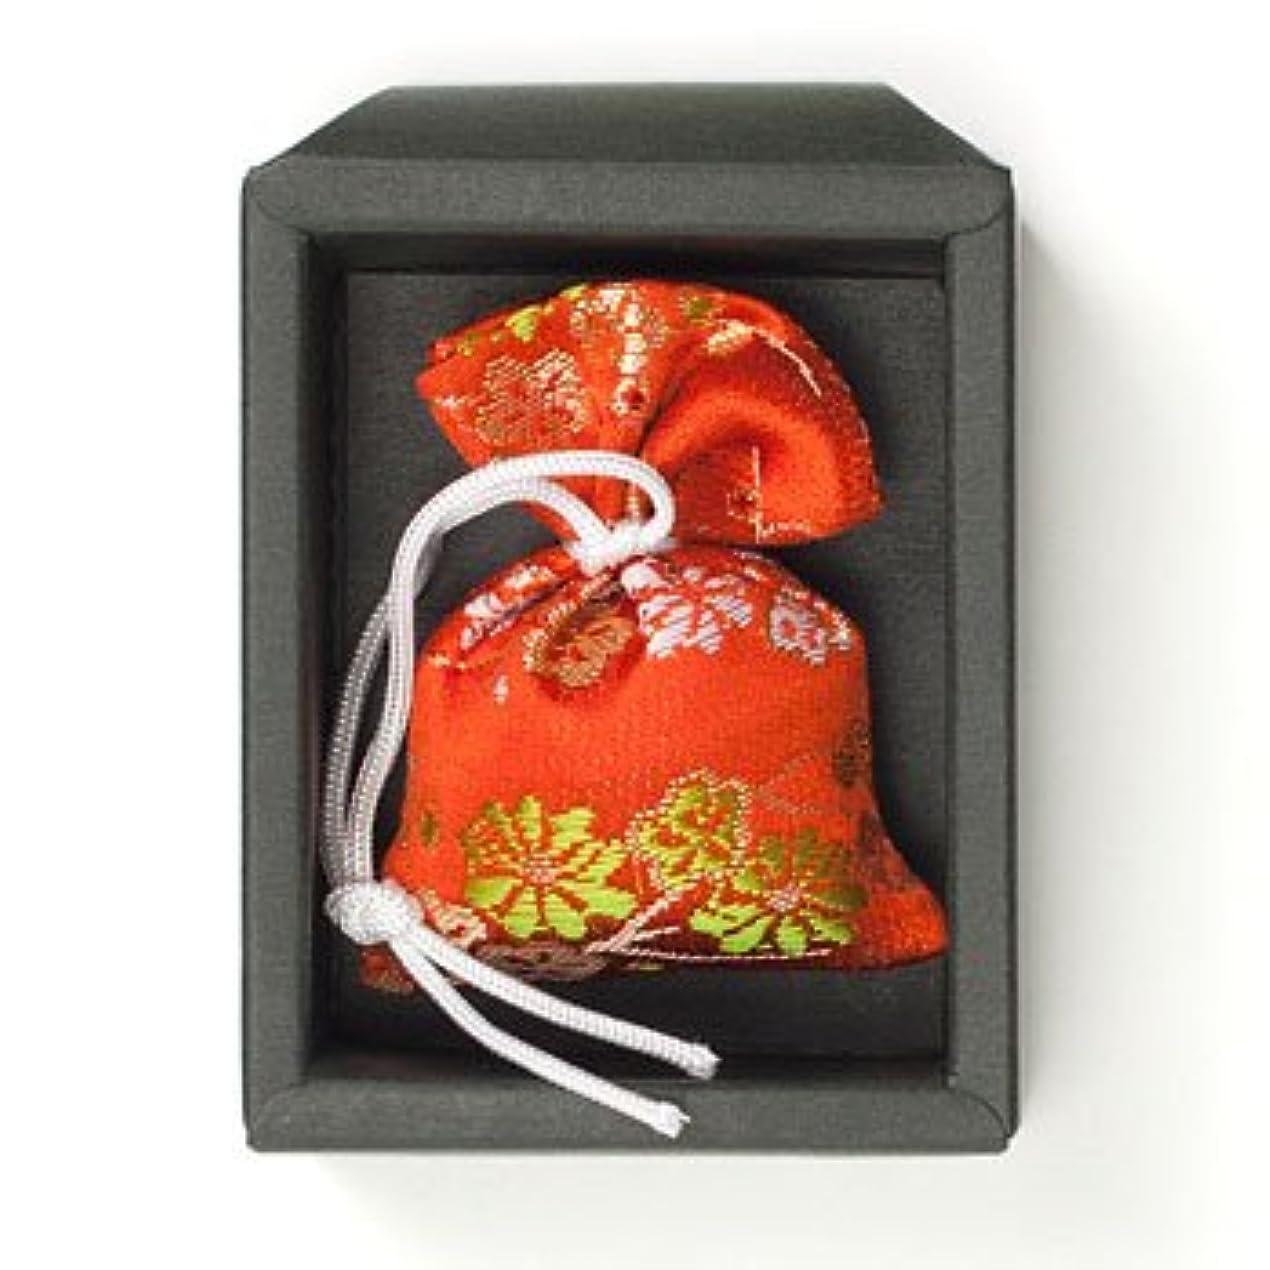 伴うコンプライアンスセンチメンタル匂い袋 誰が袖 極品 1個入 松栄堂 Shoyeido 本体長さ60mm (色?柄は選べません)